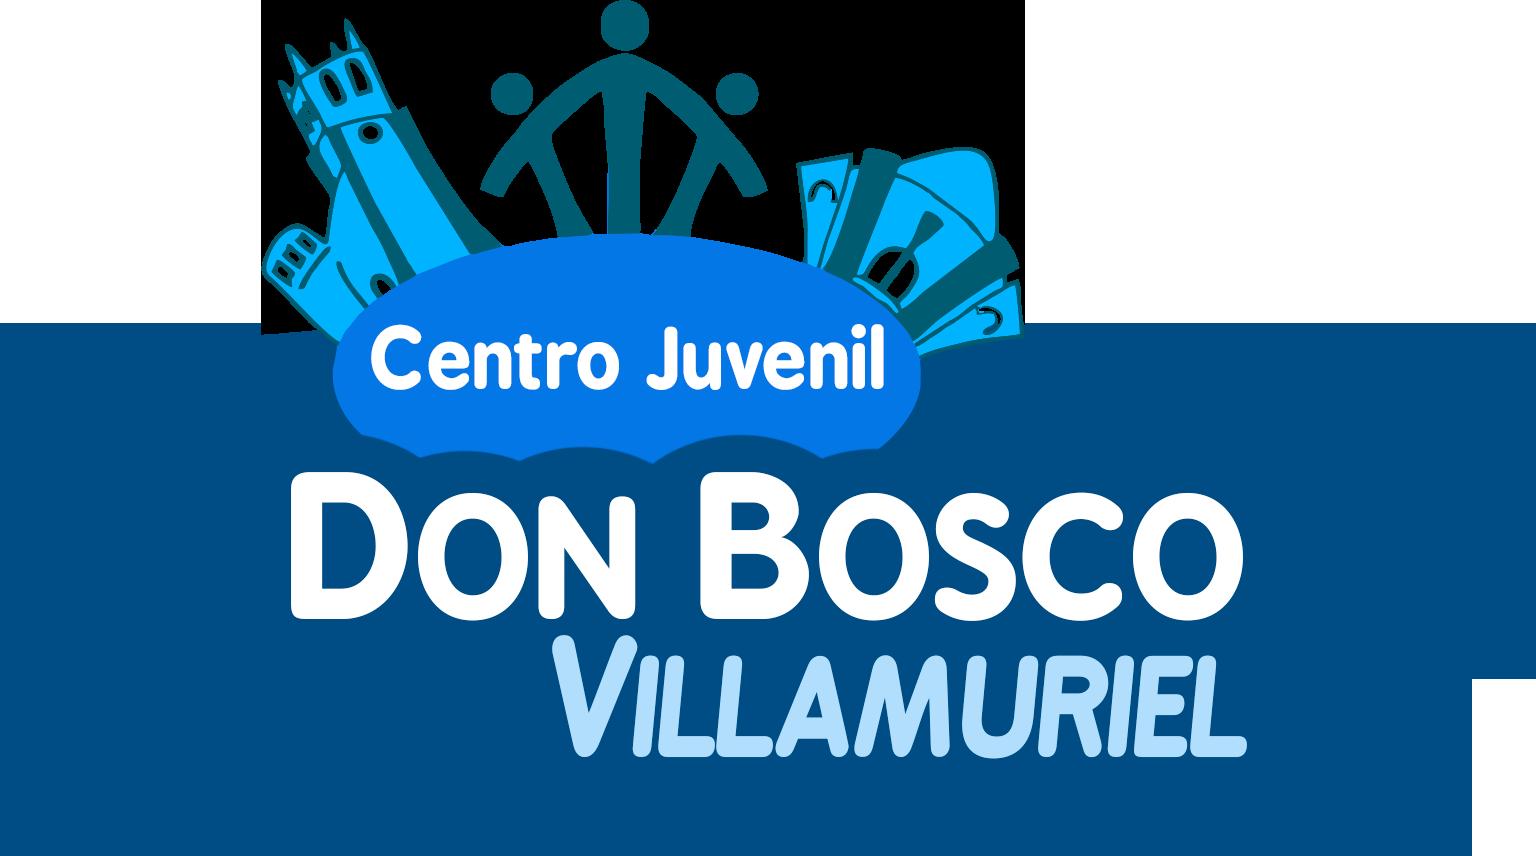 Centro Juvenil Don Bosco Villamuriel